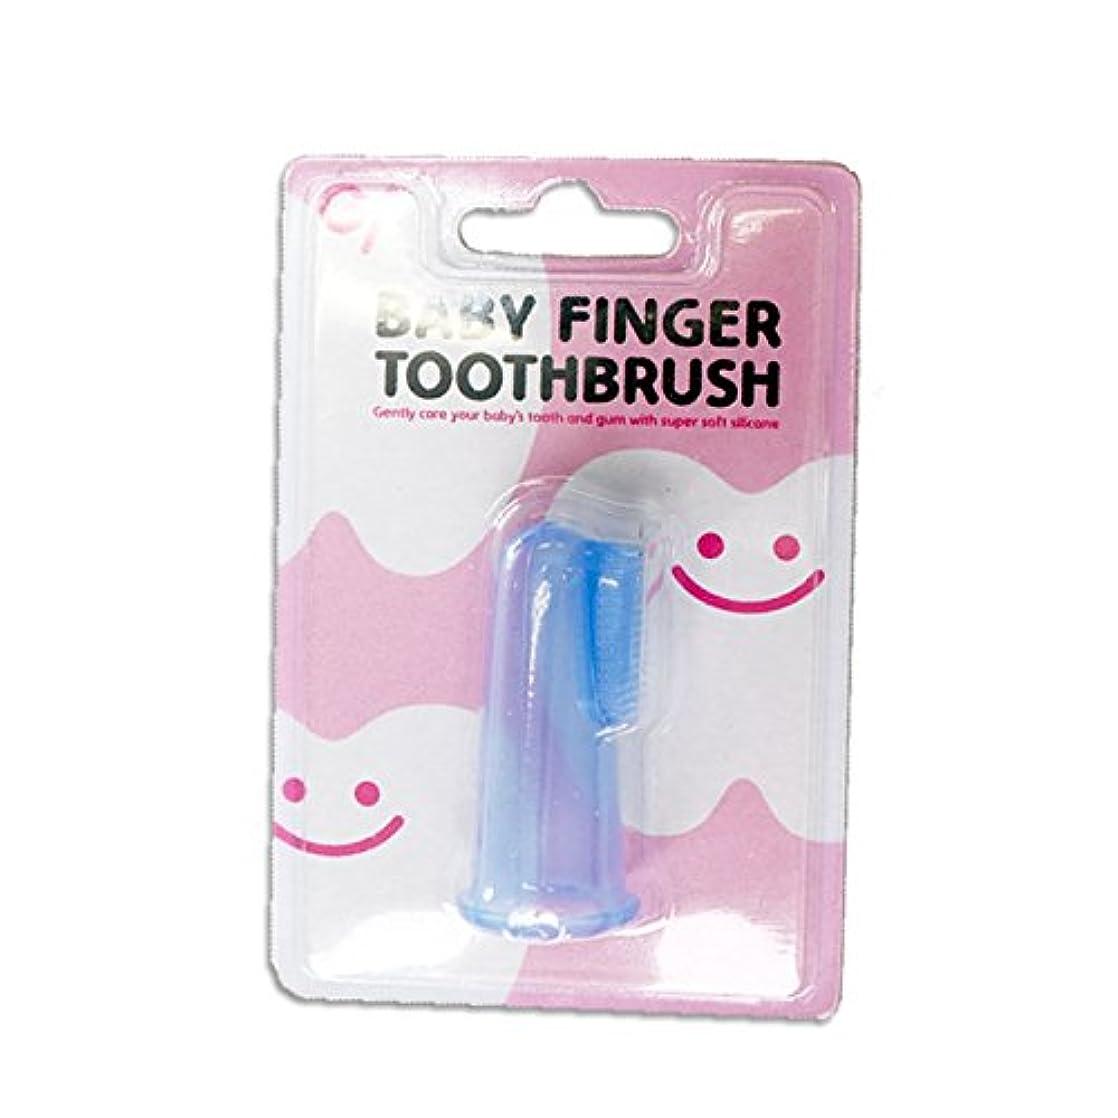 場所モルヒネ気分が悪いベビーフィンガートゥースブラッシュ ベビーフィンガー歯ブラシ 12個入り BABY FINGER TOOTHBRUSH